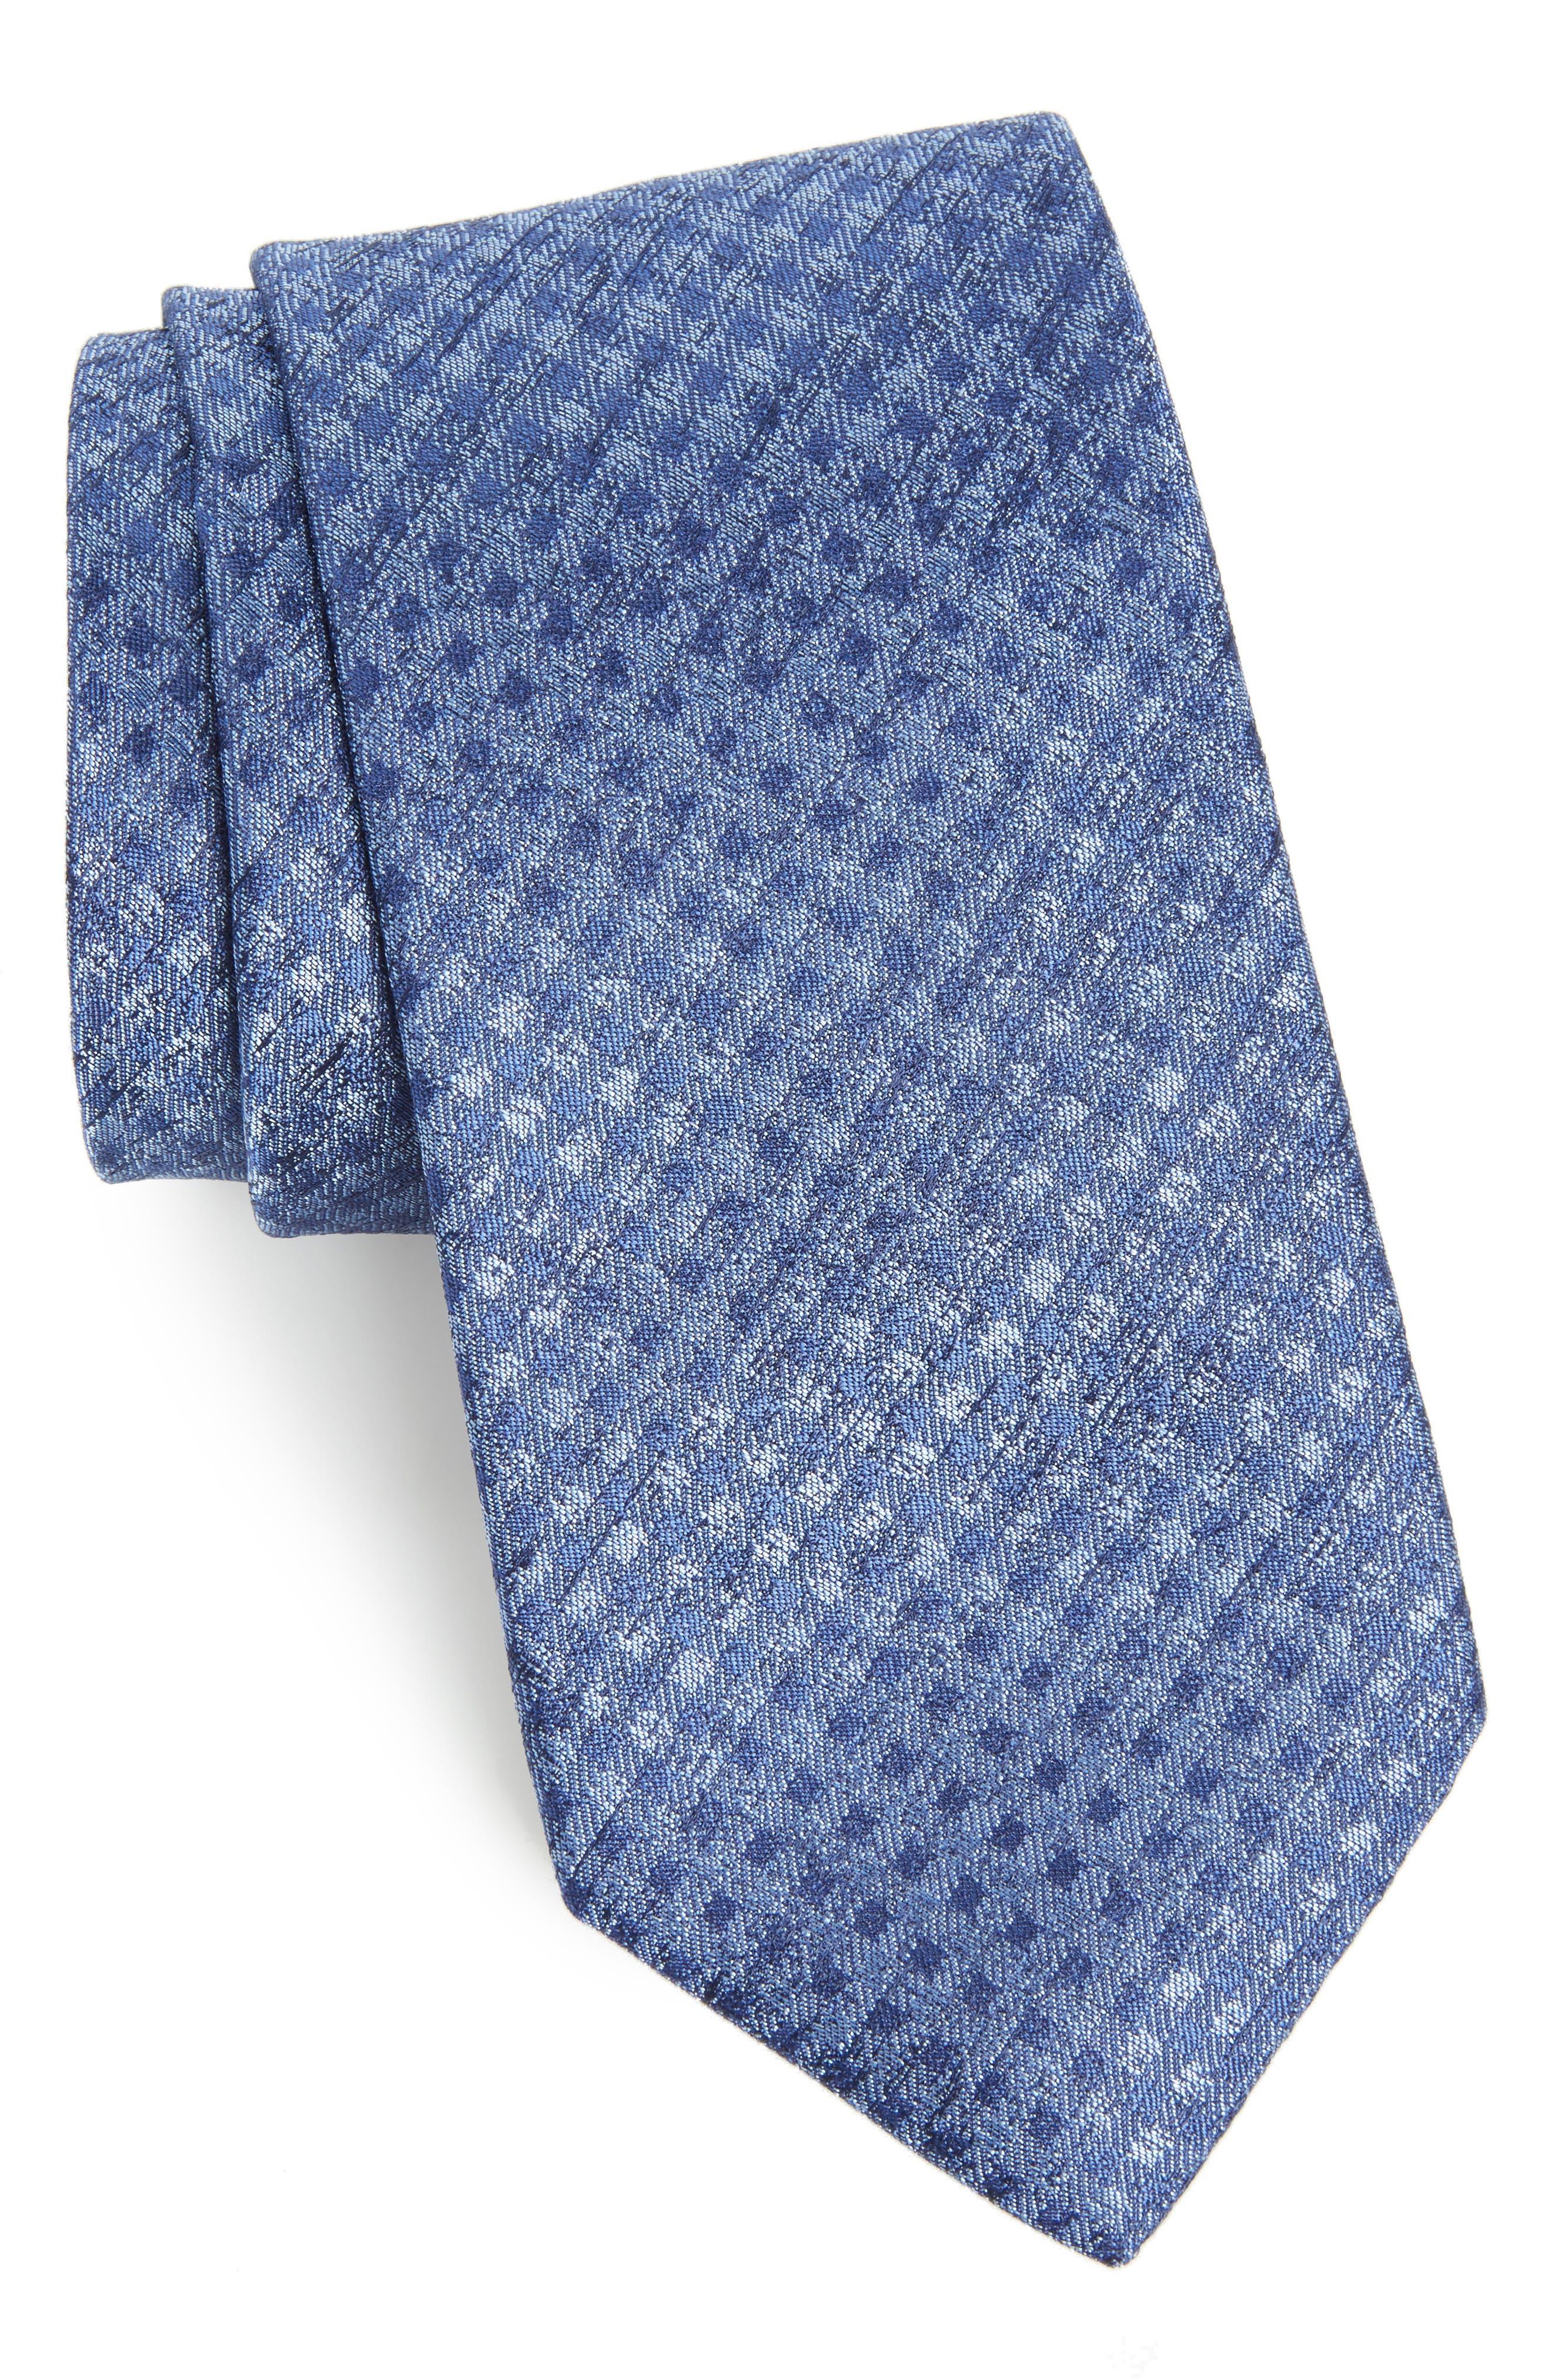 Porter Check Silk Tie,                             Main thumbnail 1, color,                             400